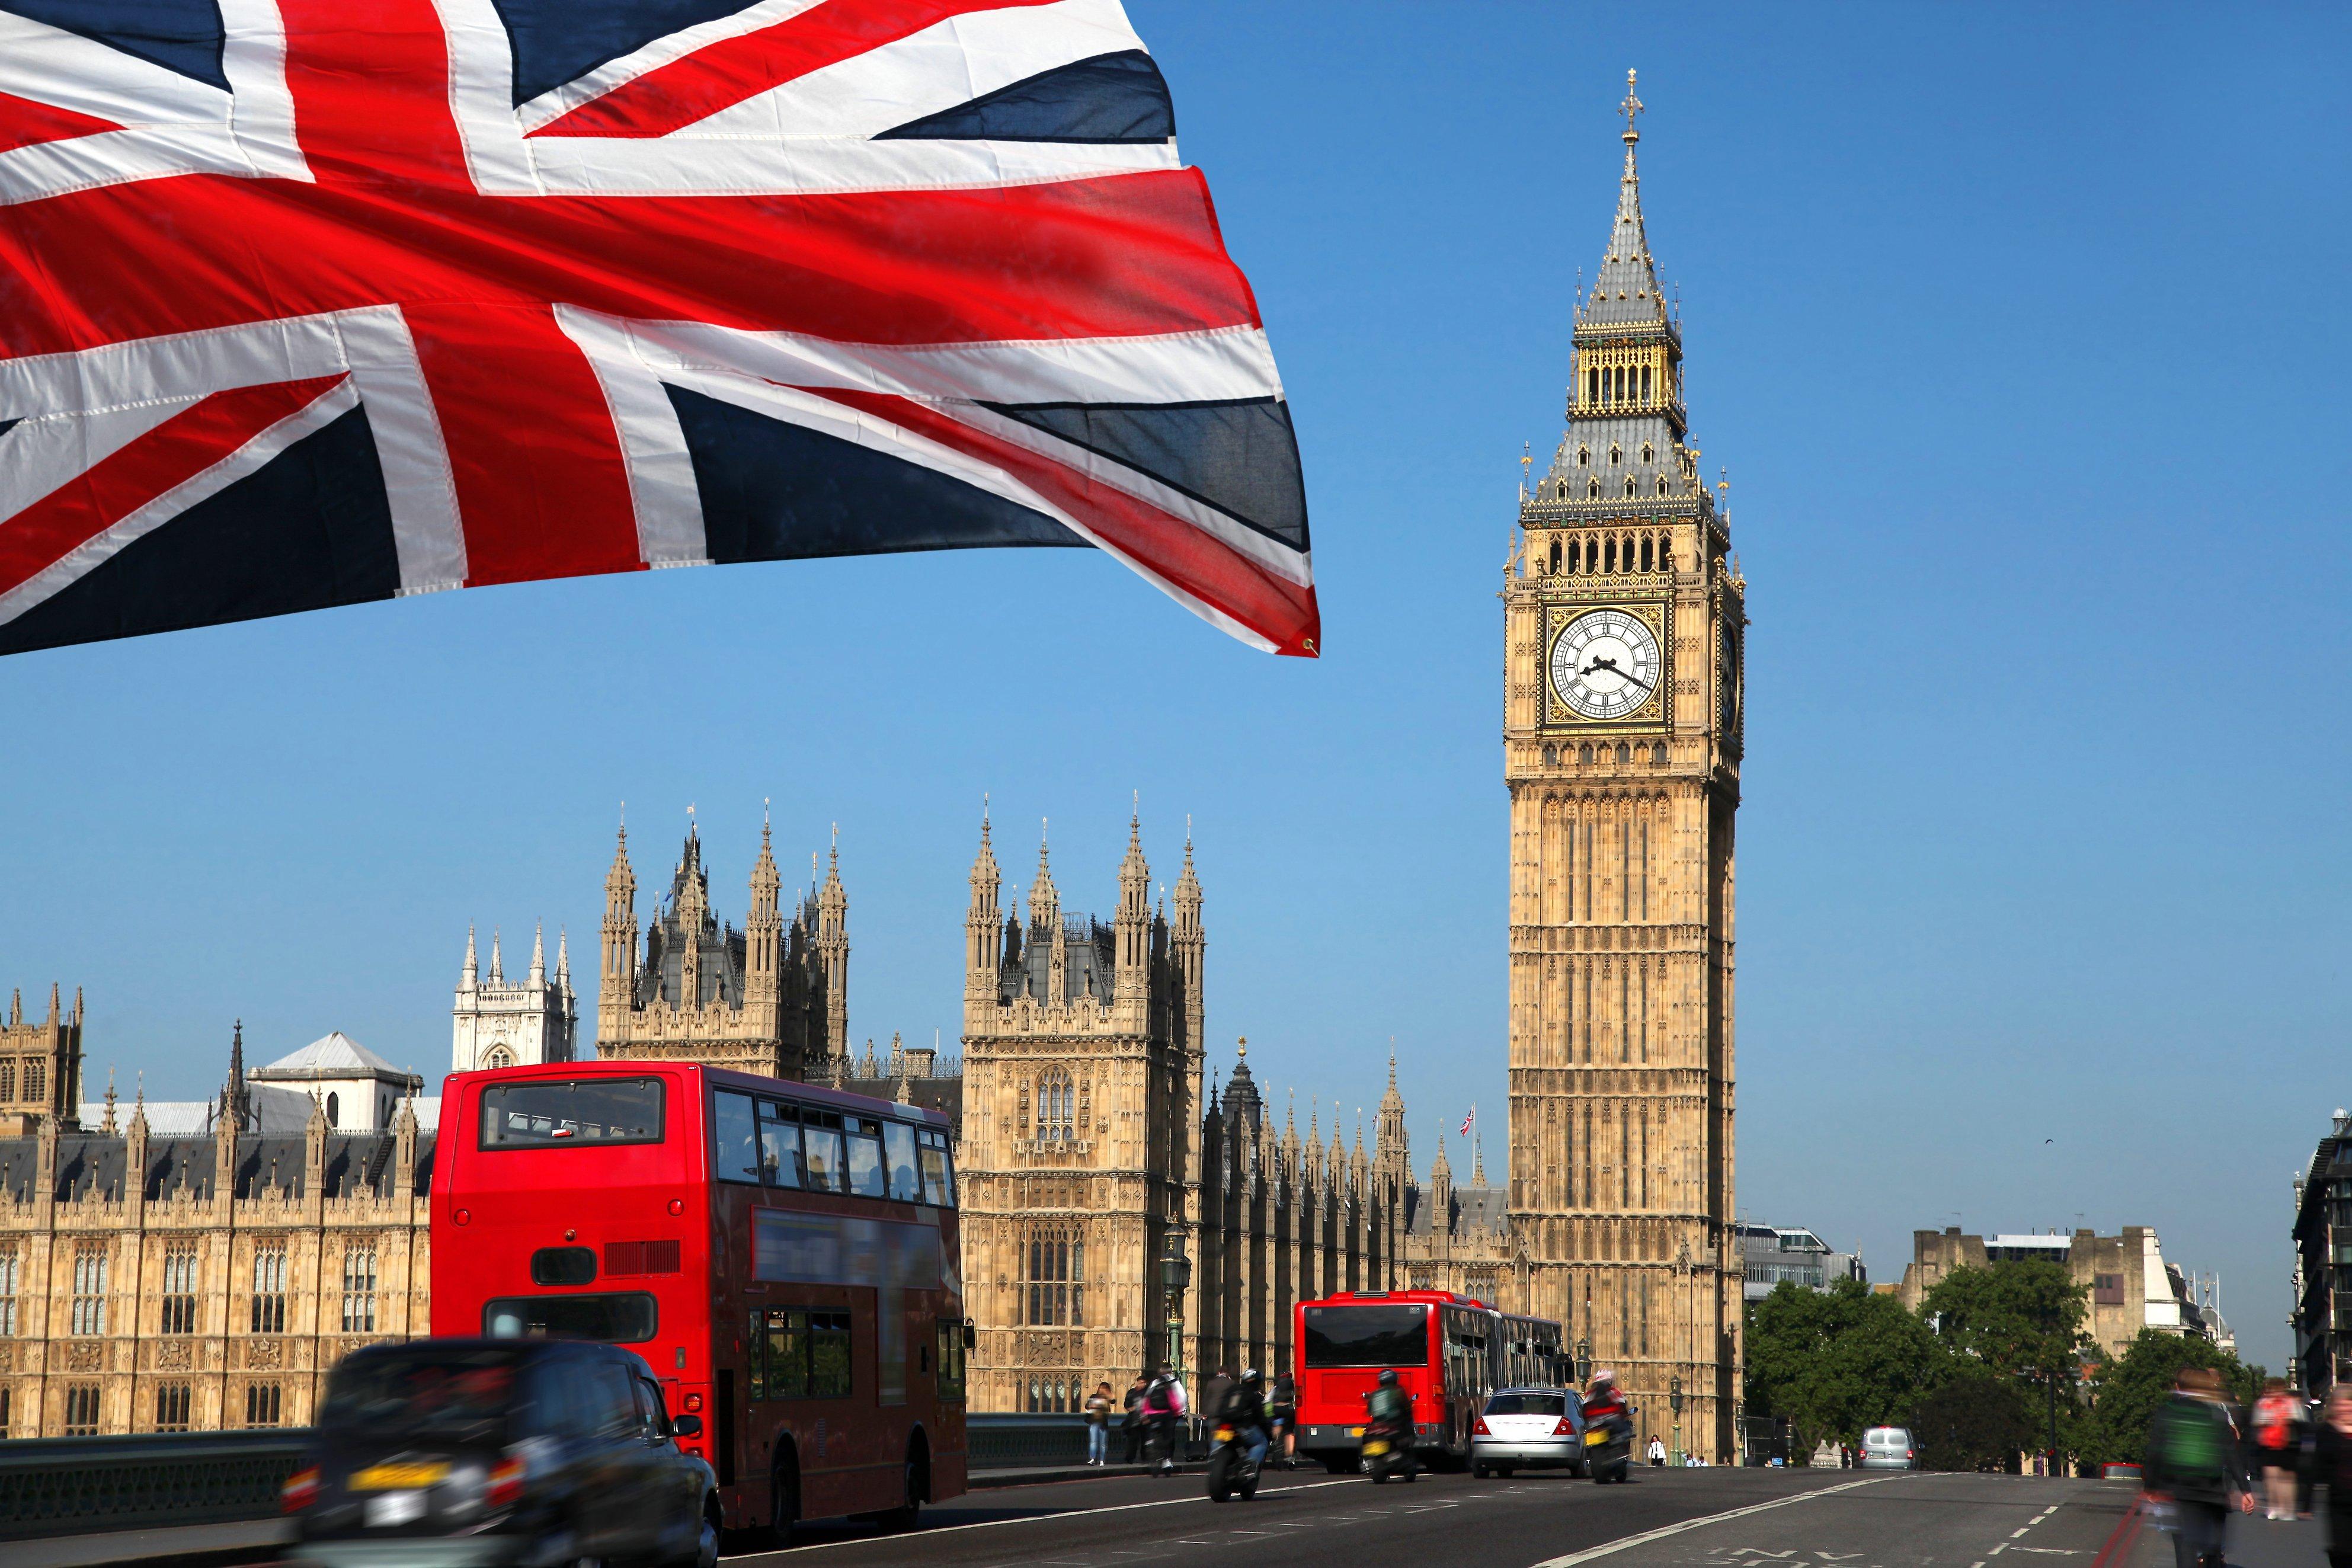 По протоптанной дорожке: Великобритания будет расхищать деньги граждан по примеру США